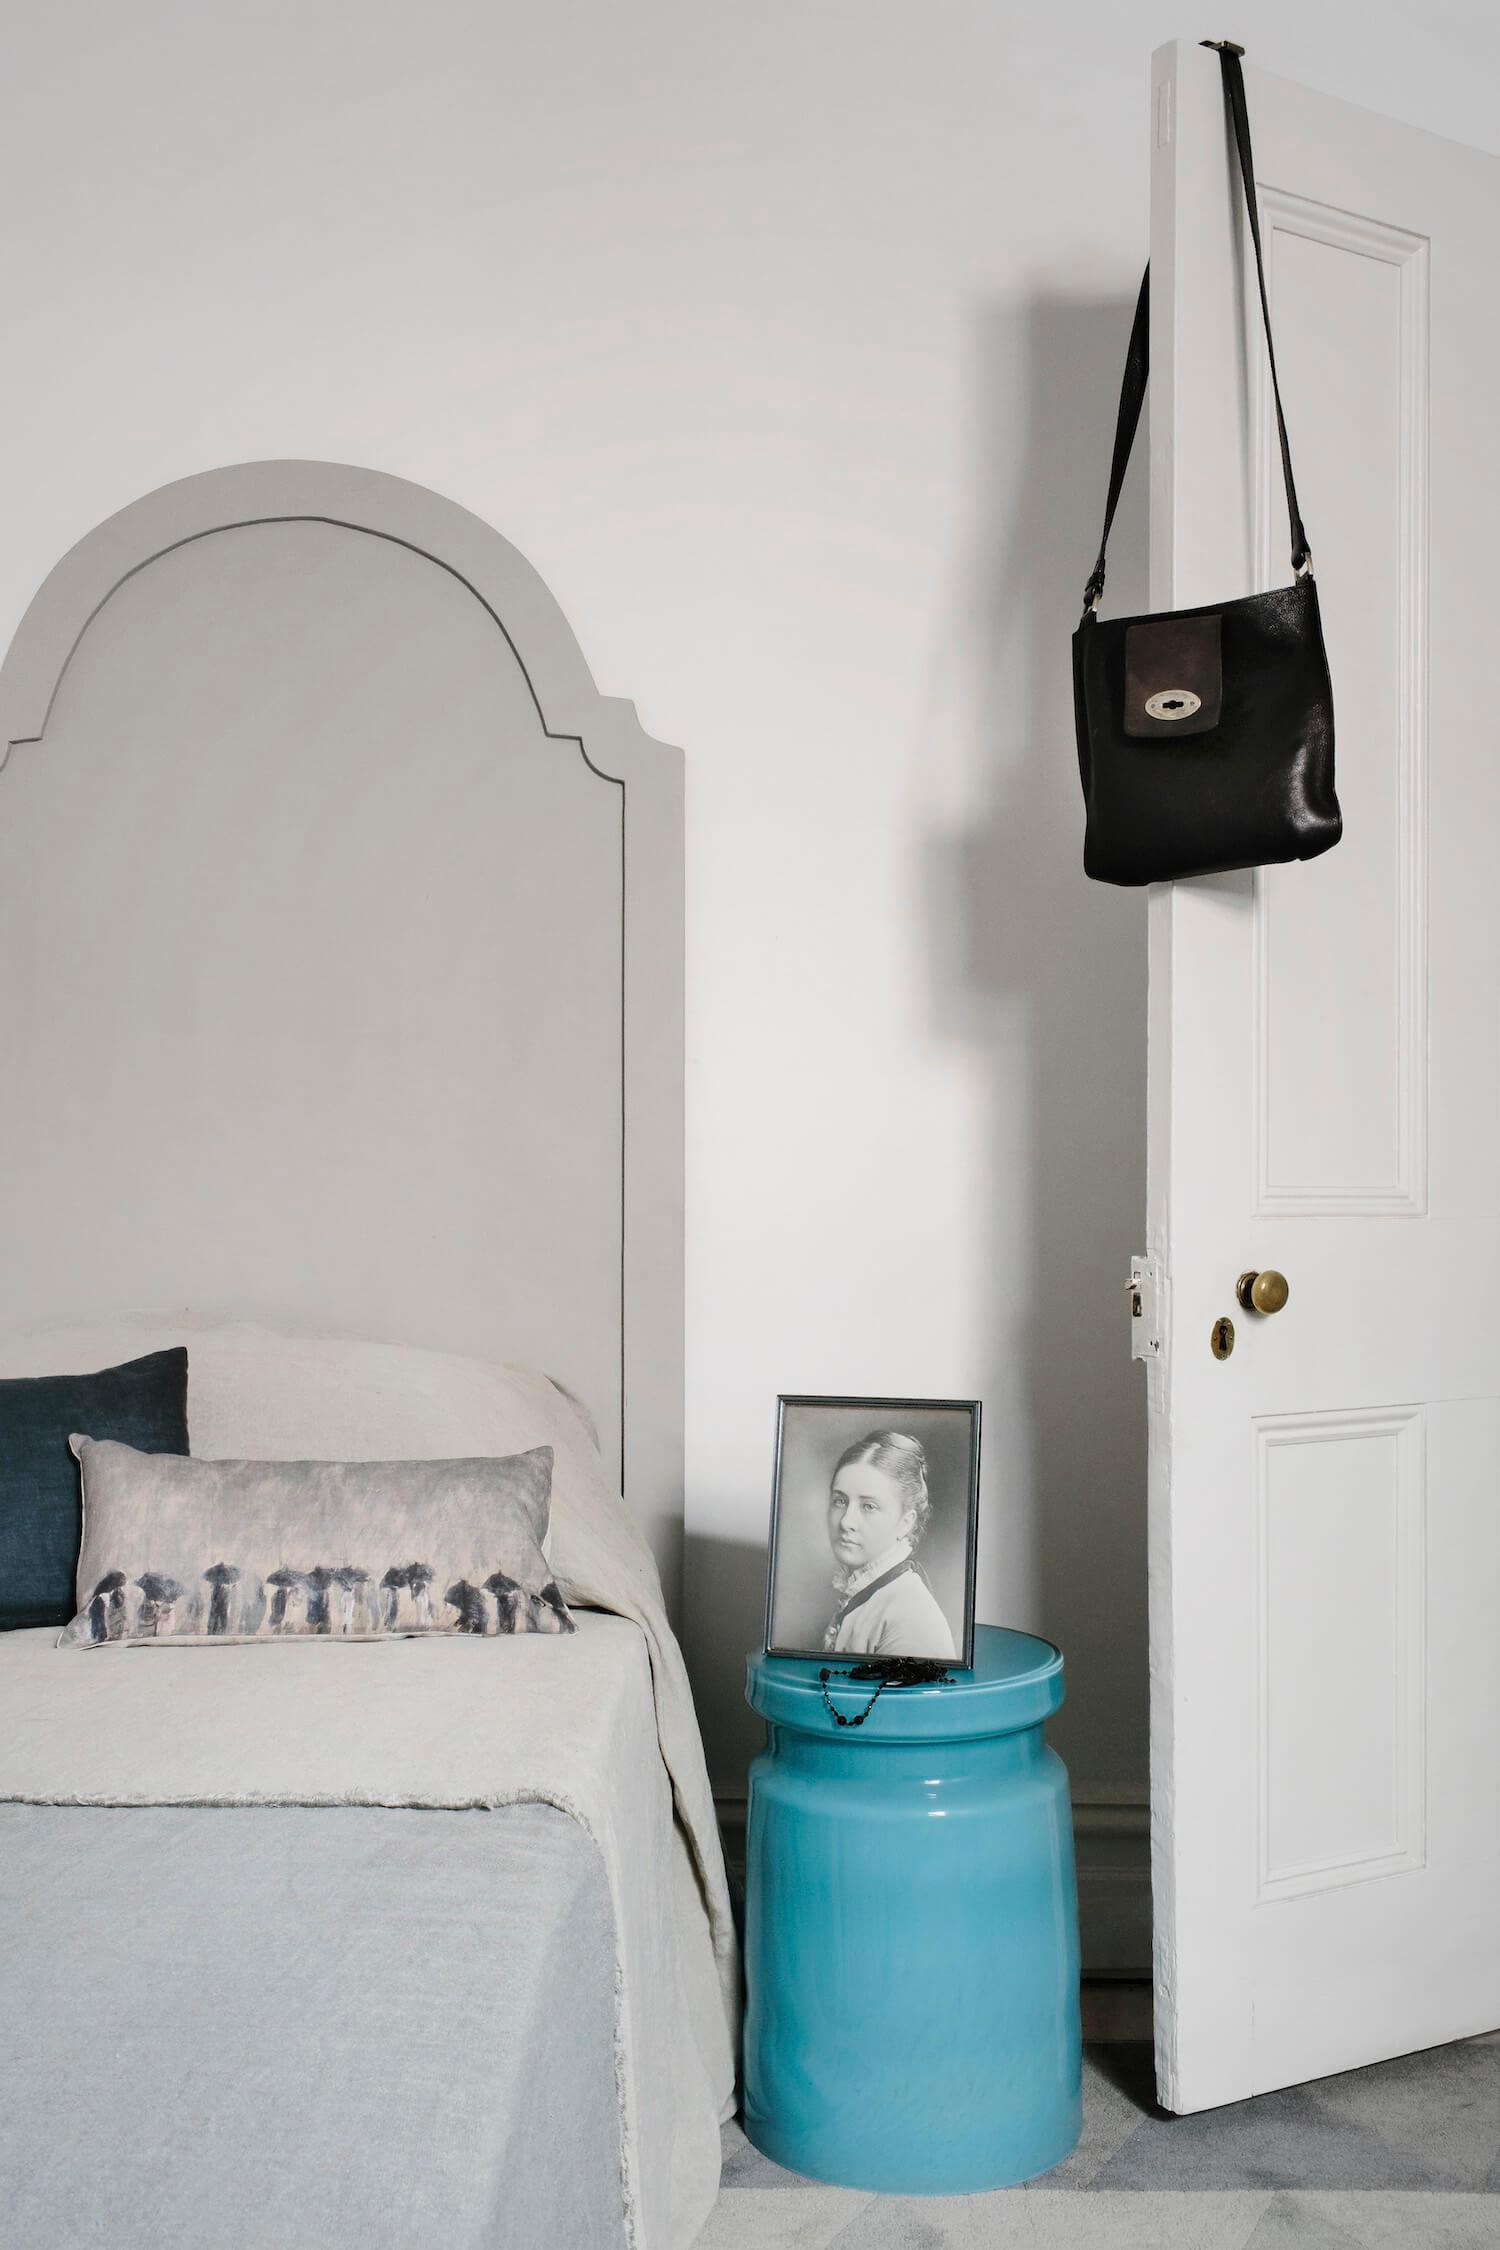 est living interiors manon bis tara pearce 5